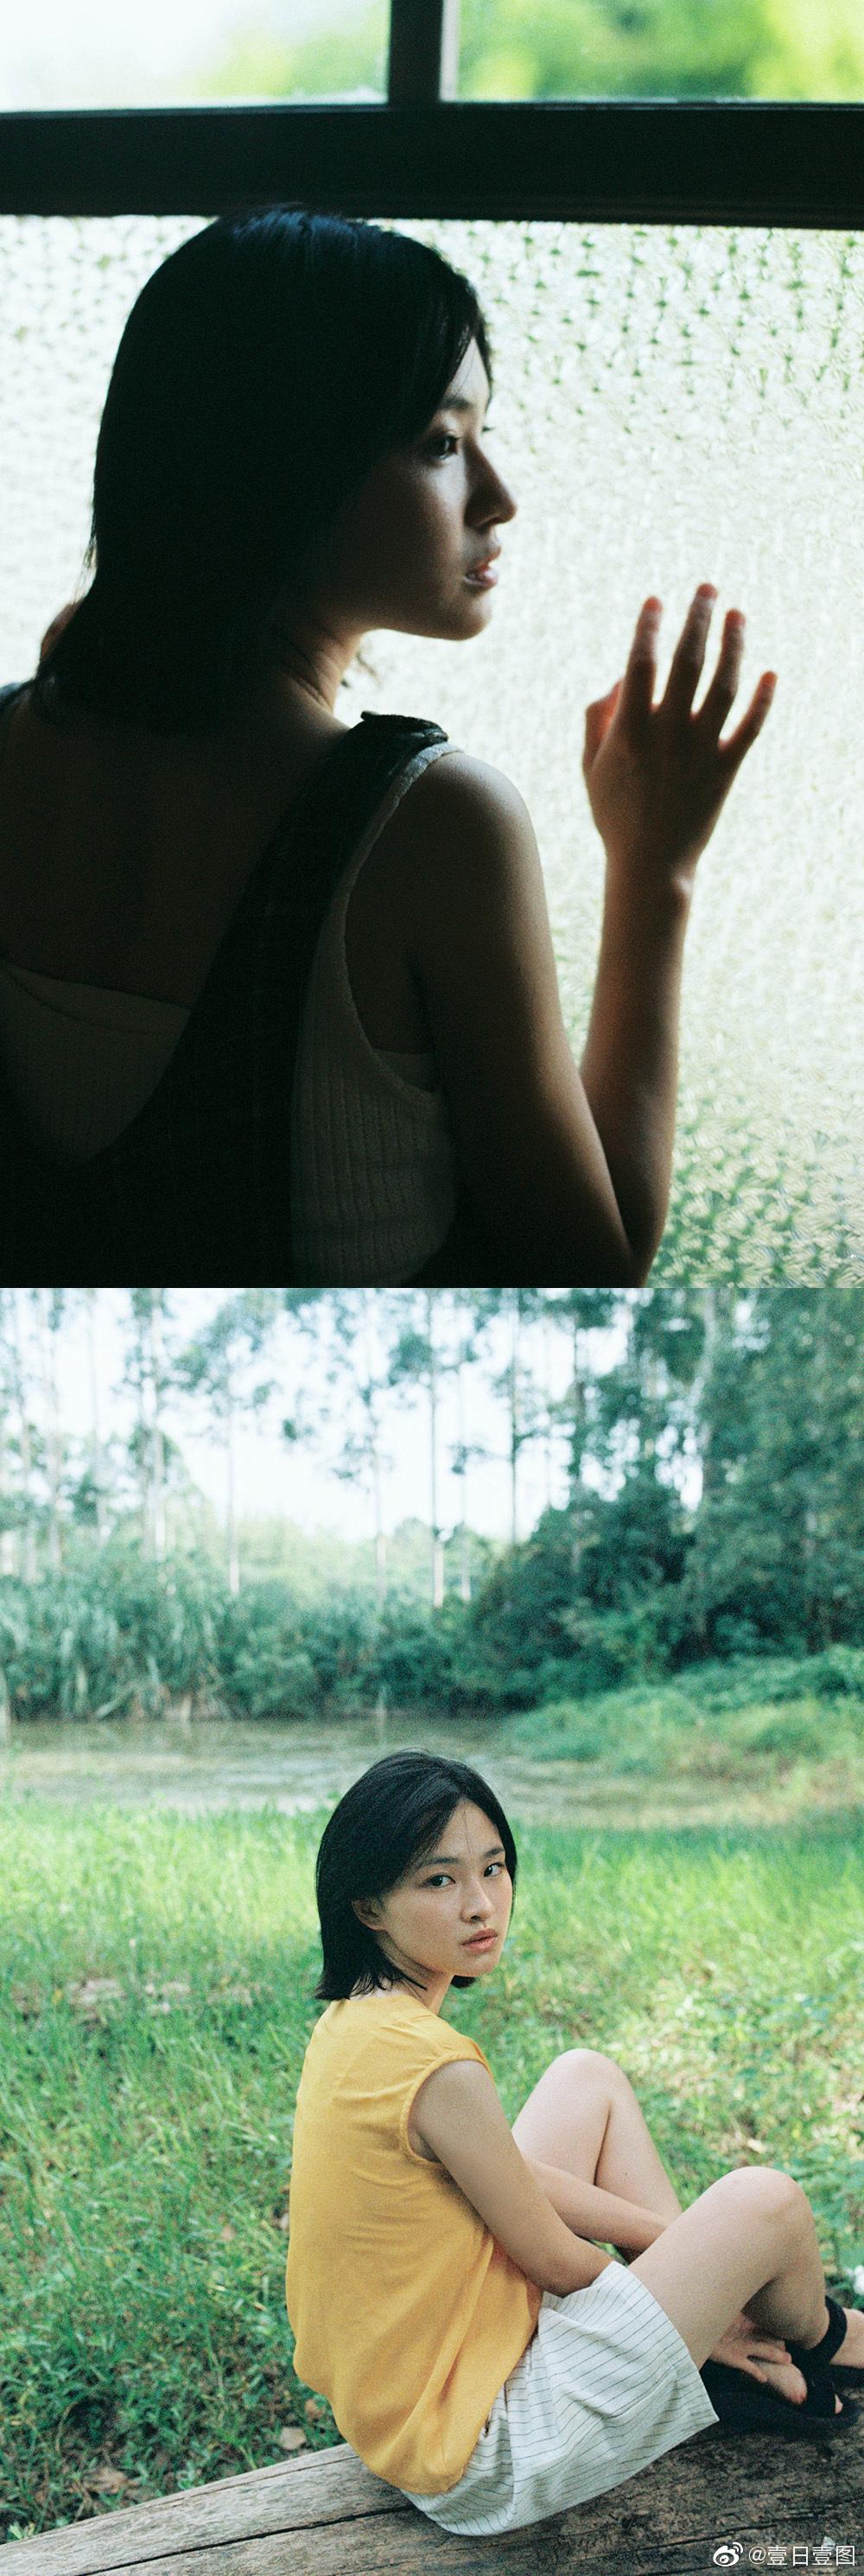 summer salt摄主:@西西弗斯要逃亡 @柚木中也